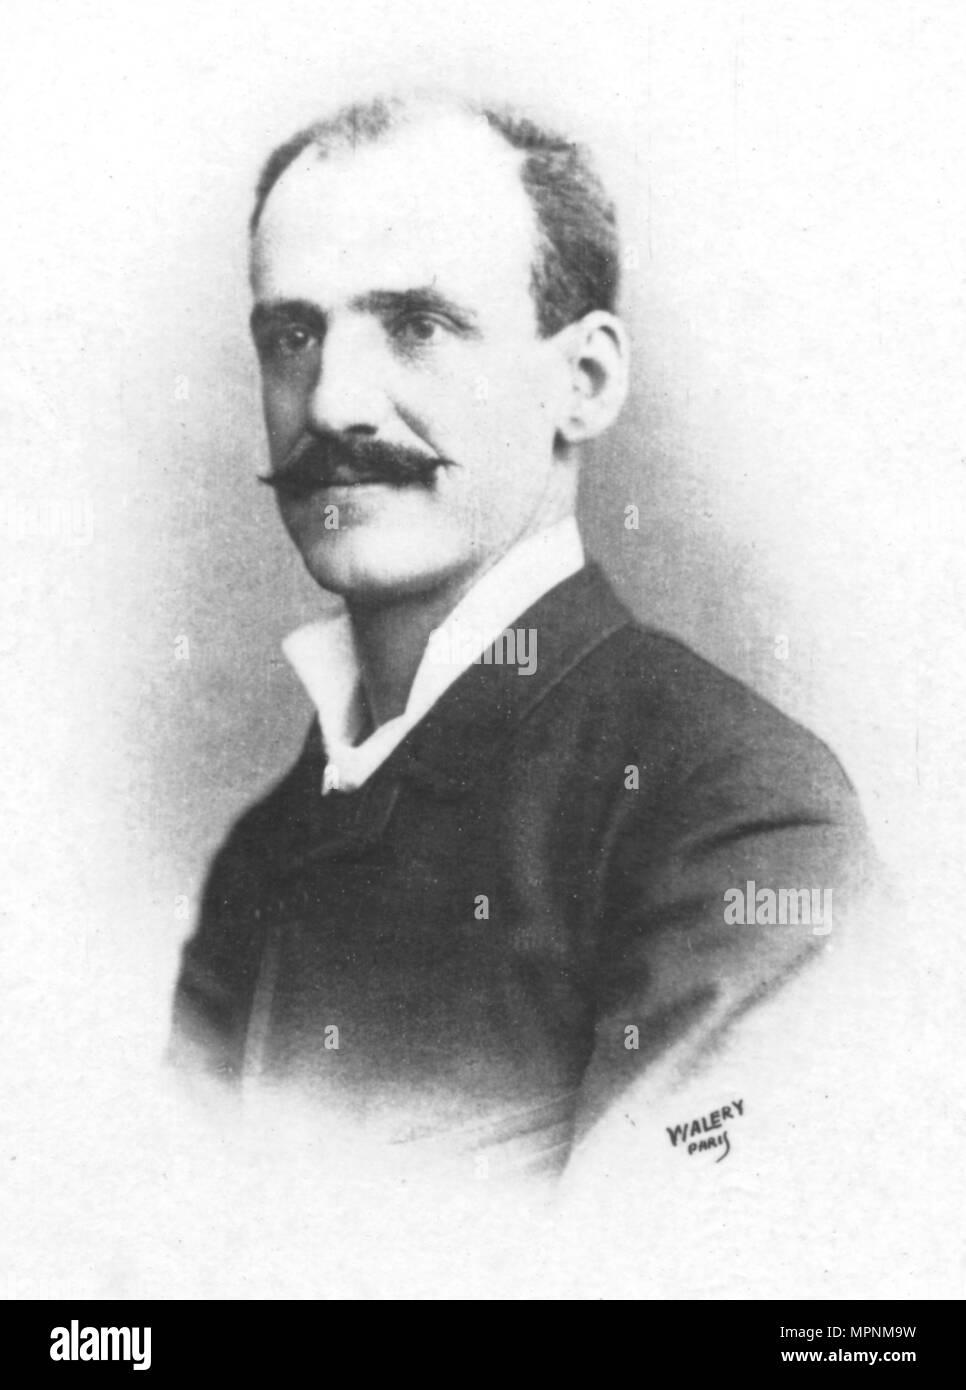 Foureau'', c 1893. Artist: Stanislaw Walery zählen. Stockfoto